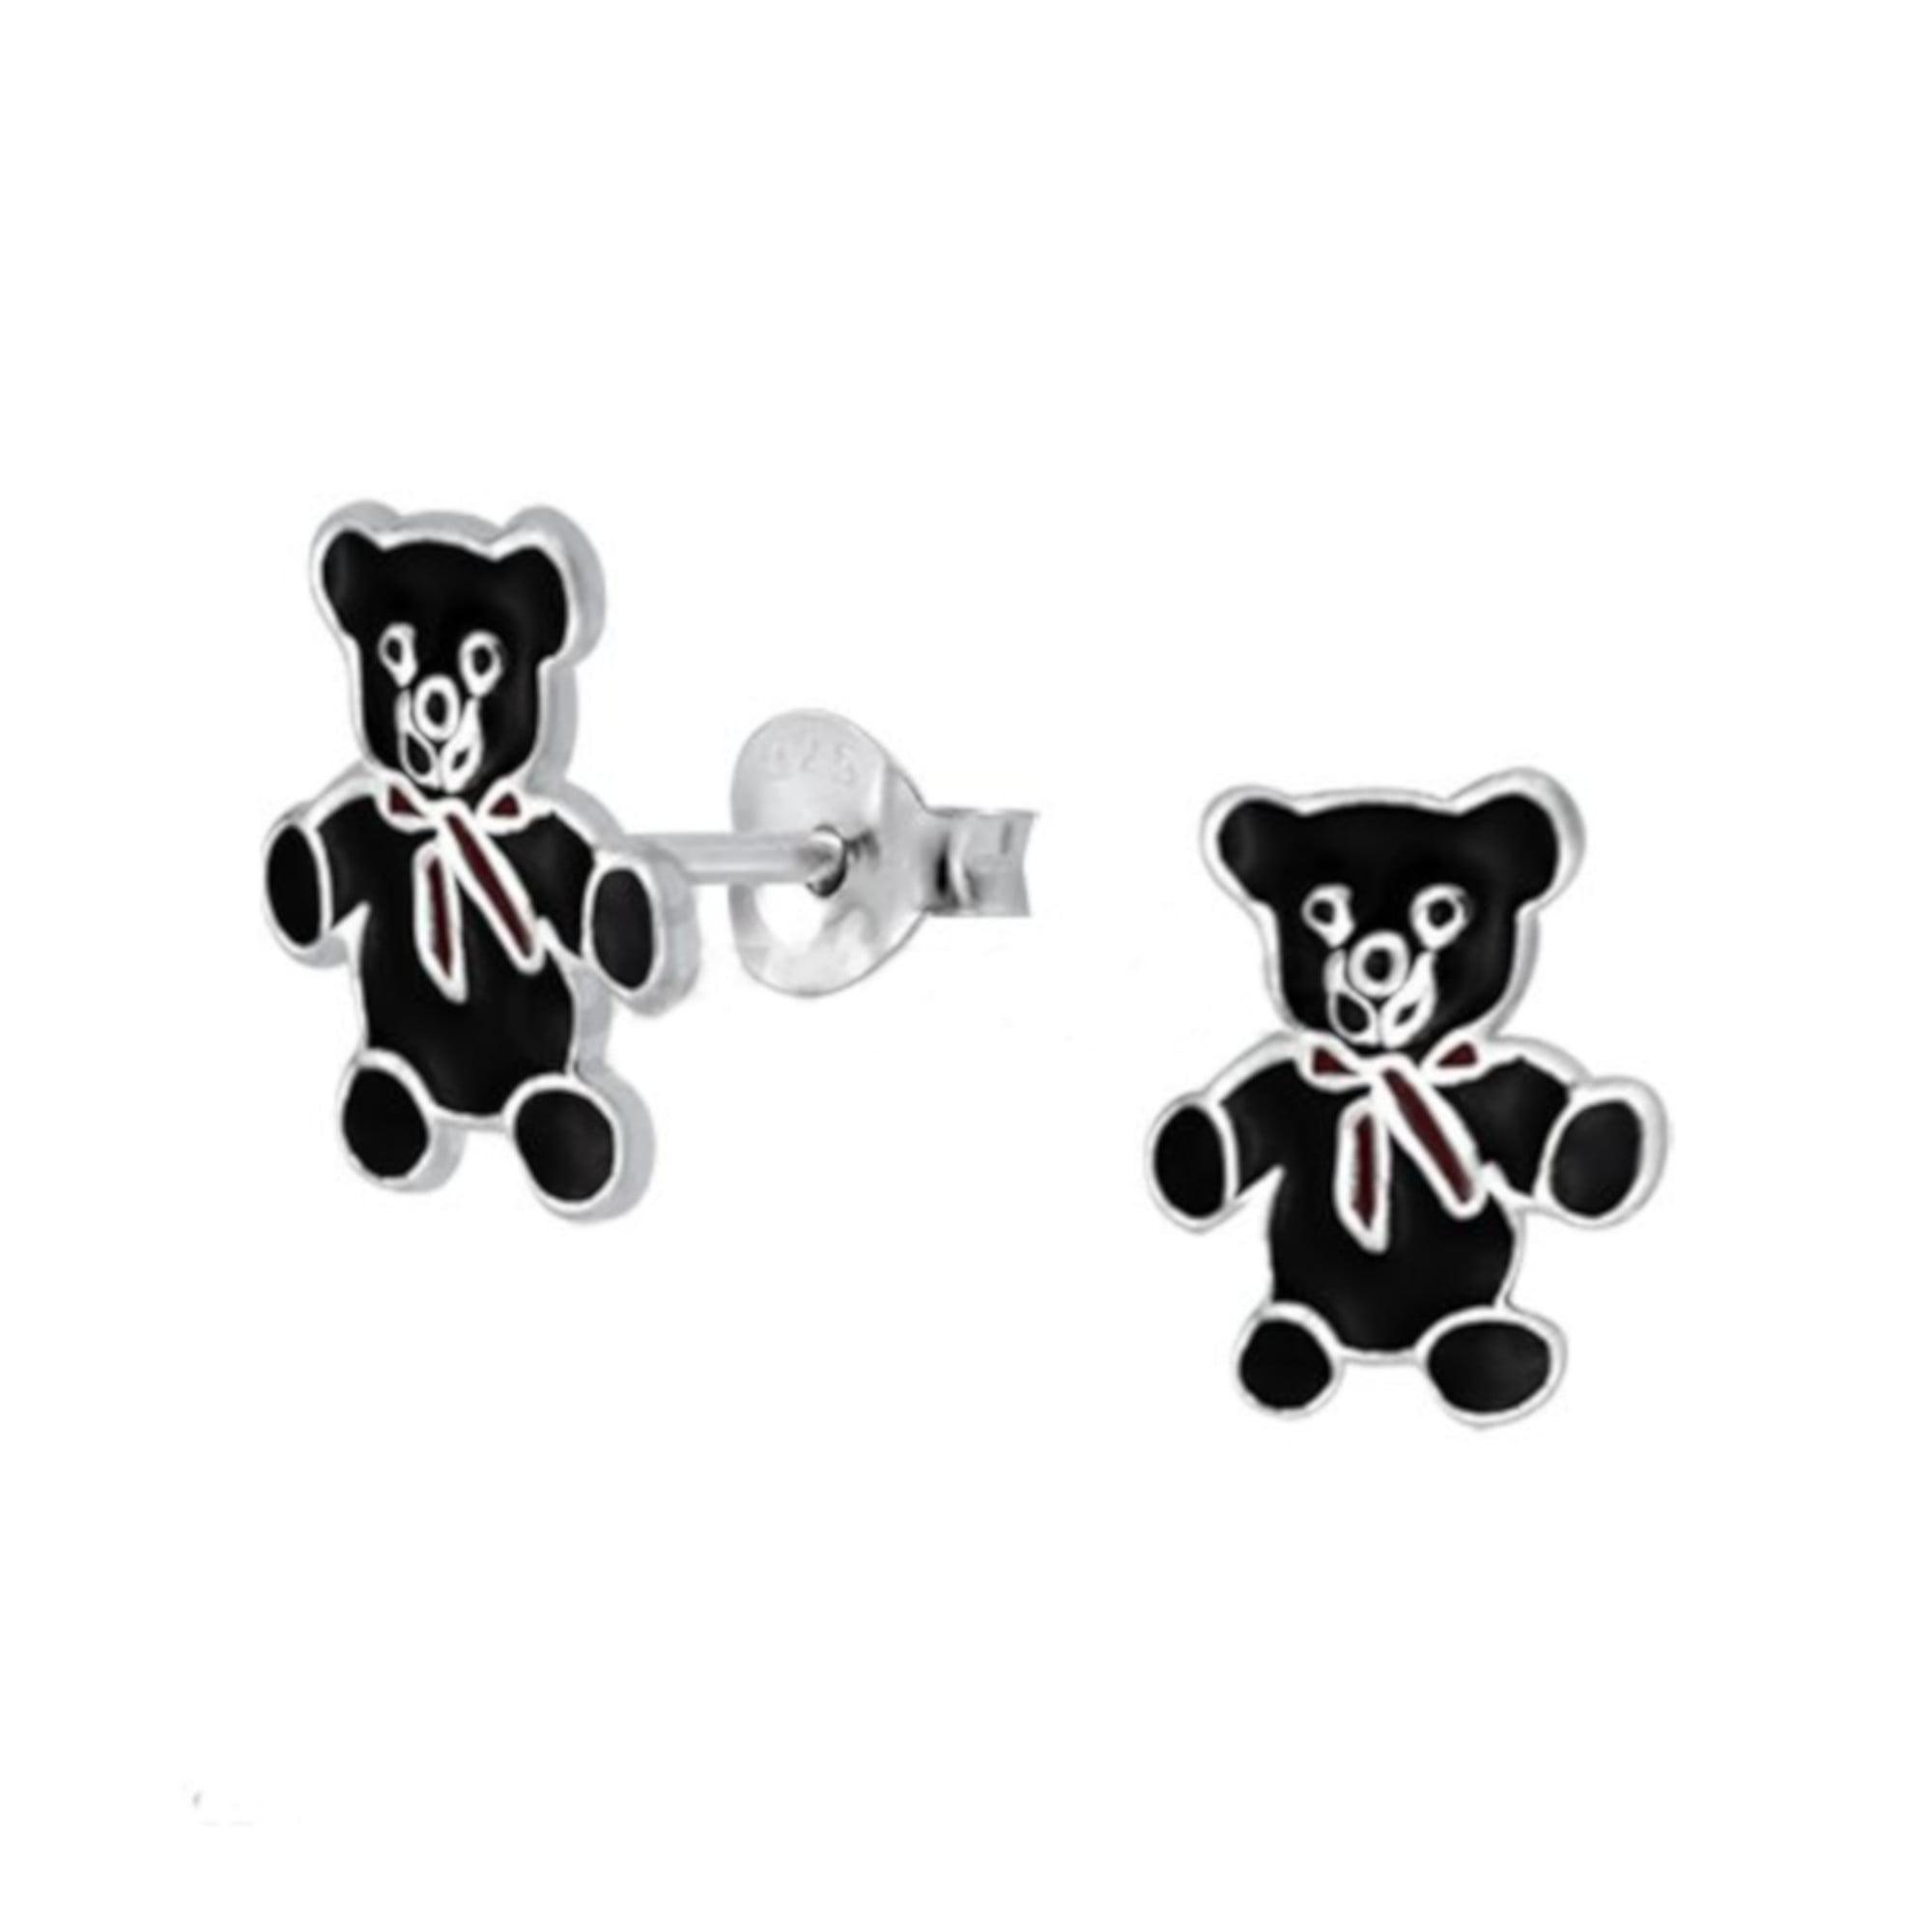 Teddy bear earrings in sterling silver